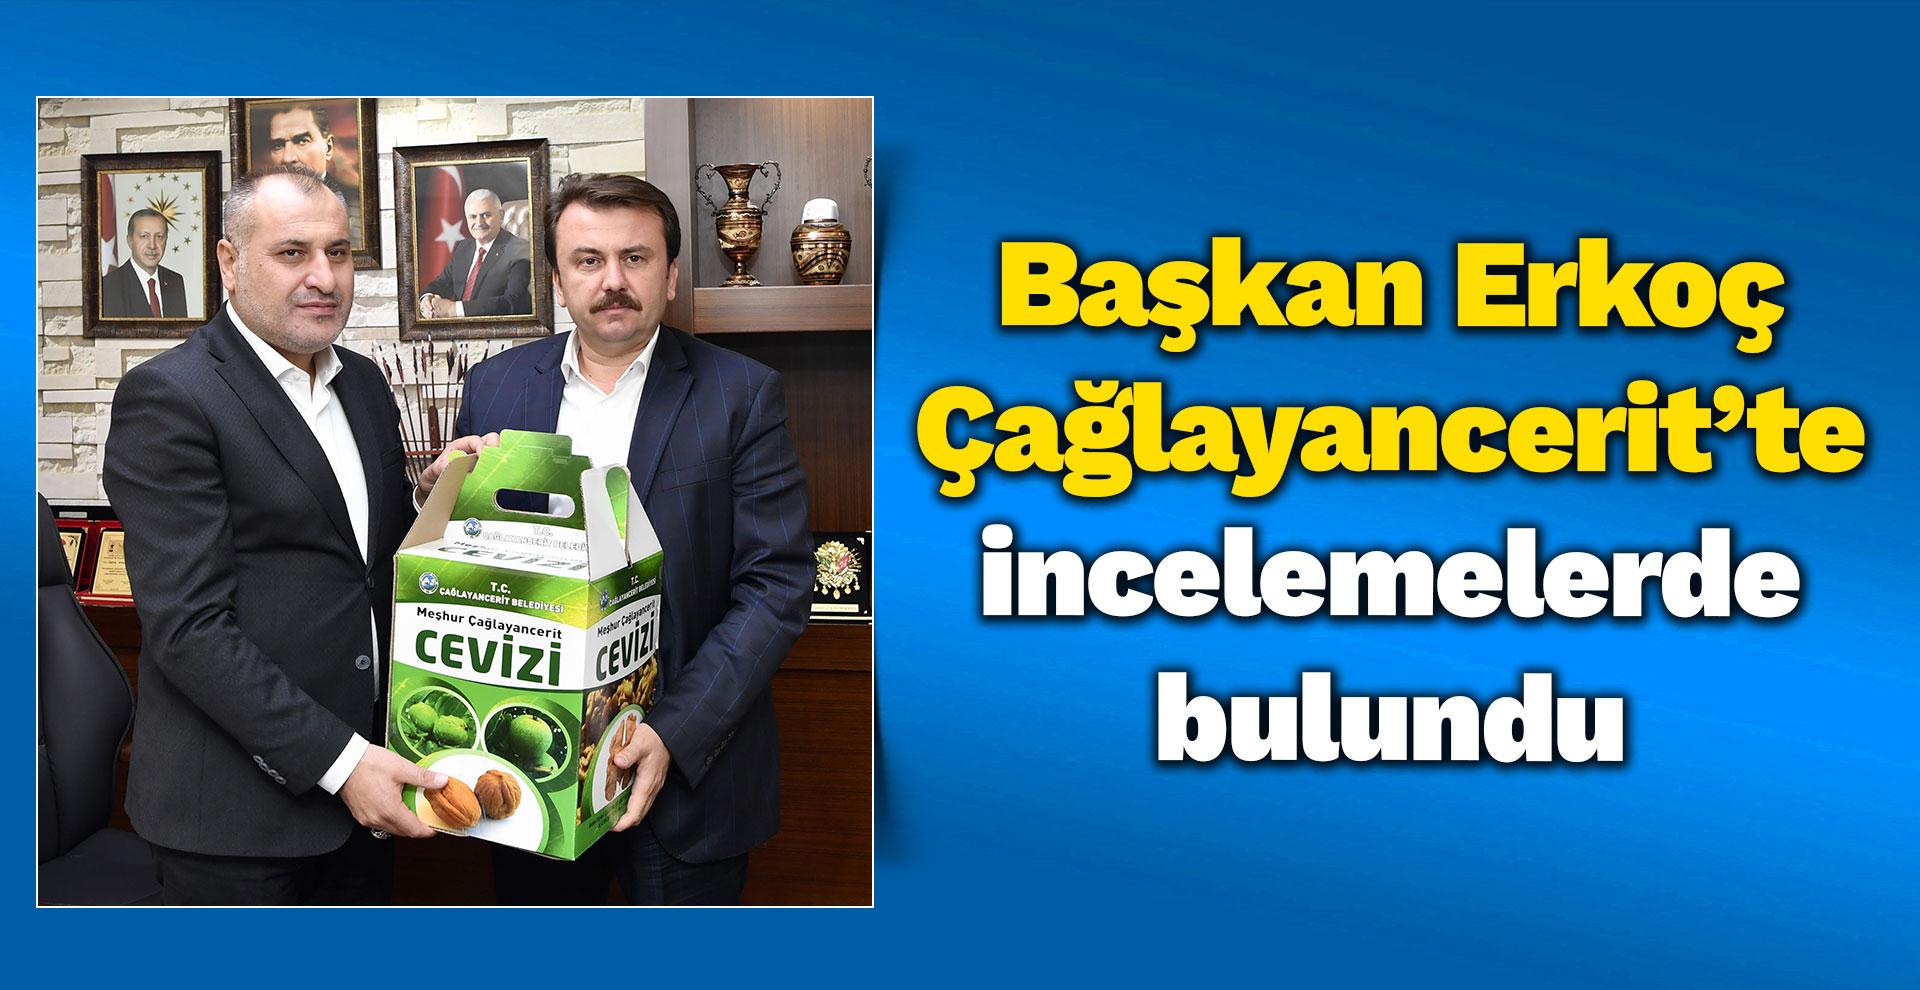 Başkan Erkoç Çağlayancerit'te incelemelerde bulundu